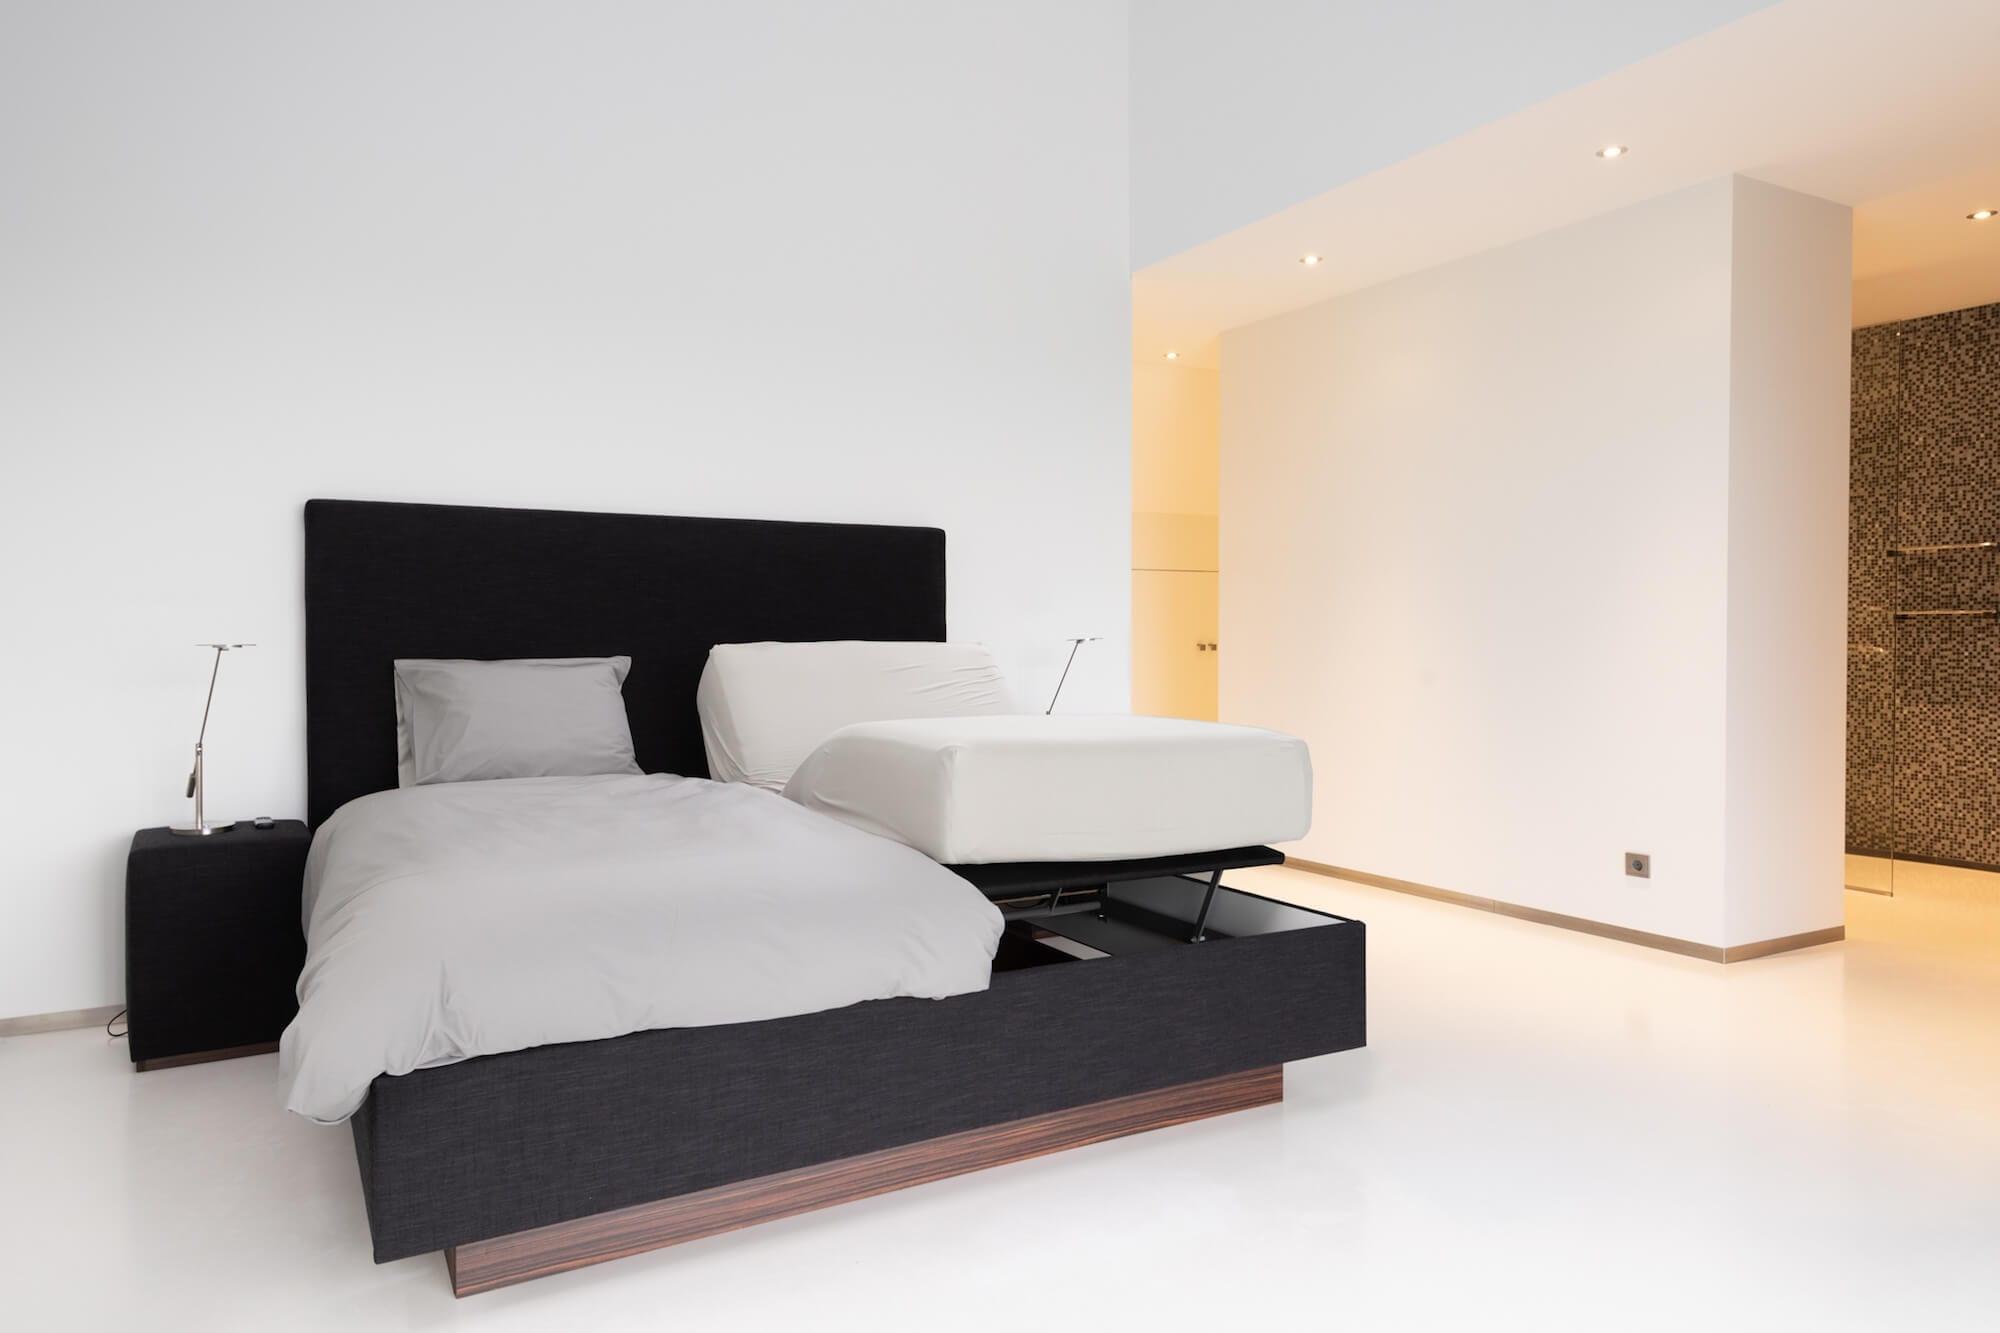 Ontspannen in dit moderne elektrisch verstelbare bed